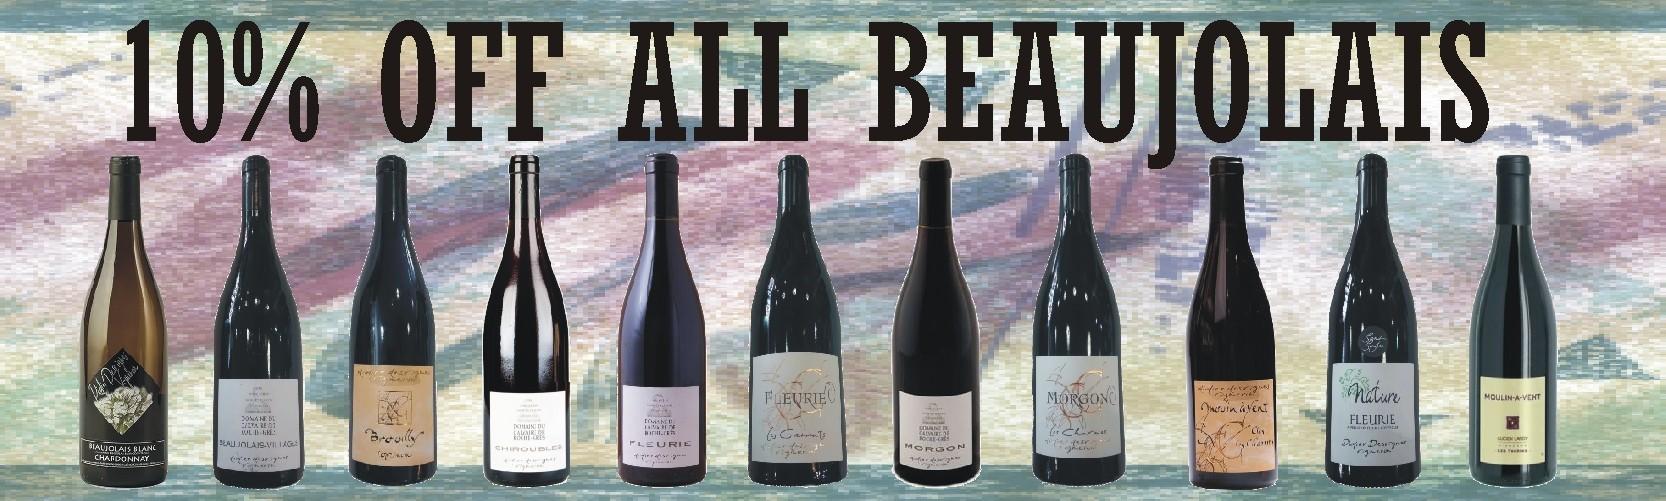 10% off Beaujolais Wine